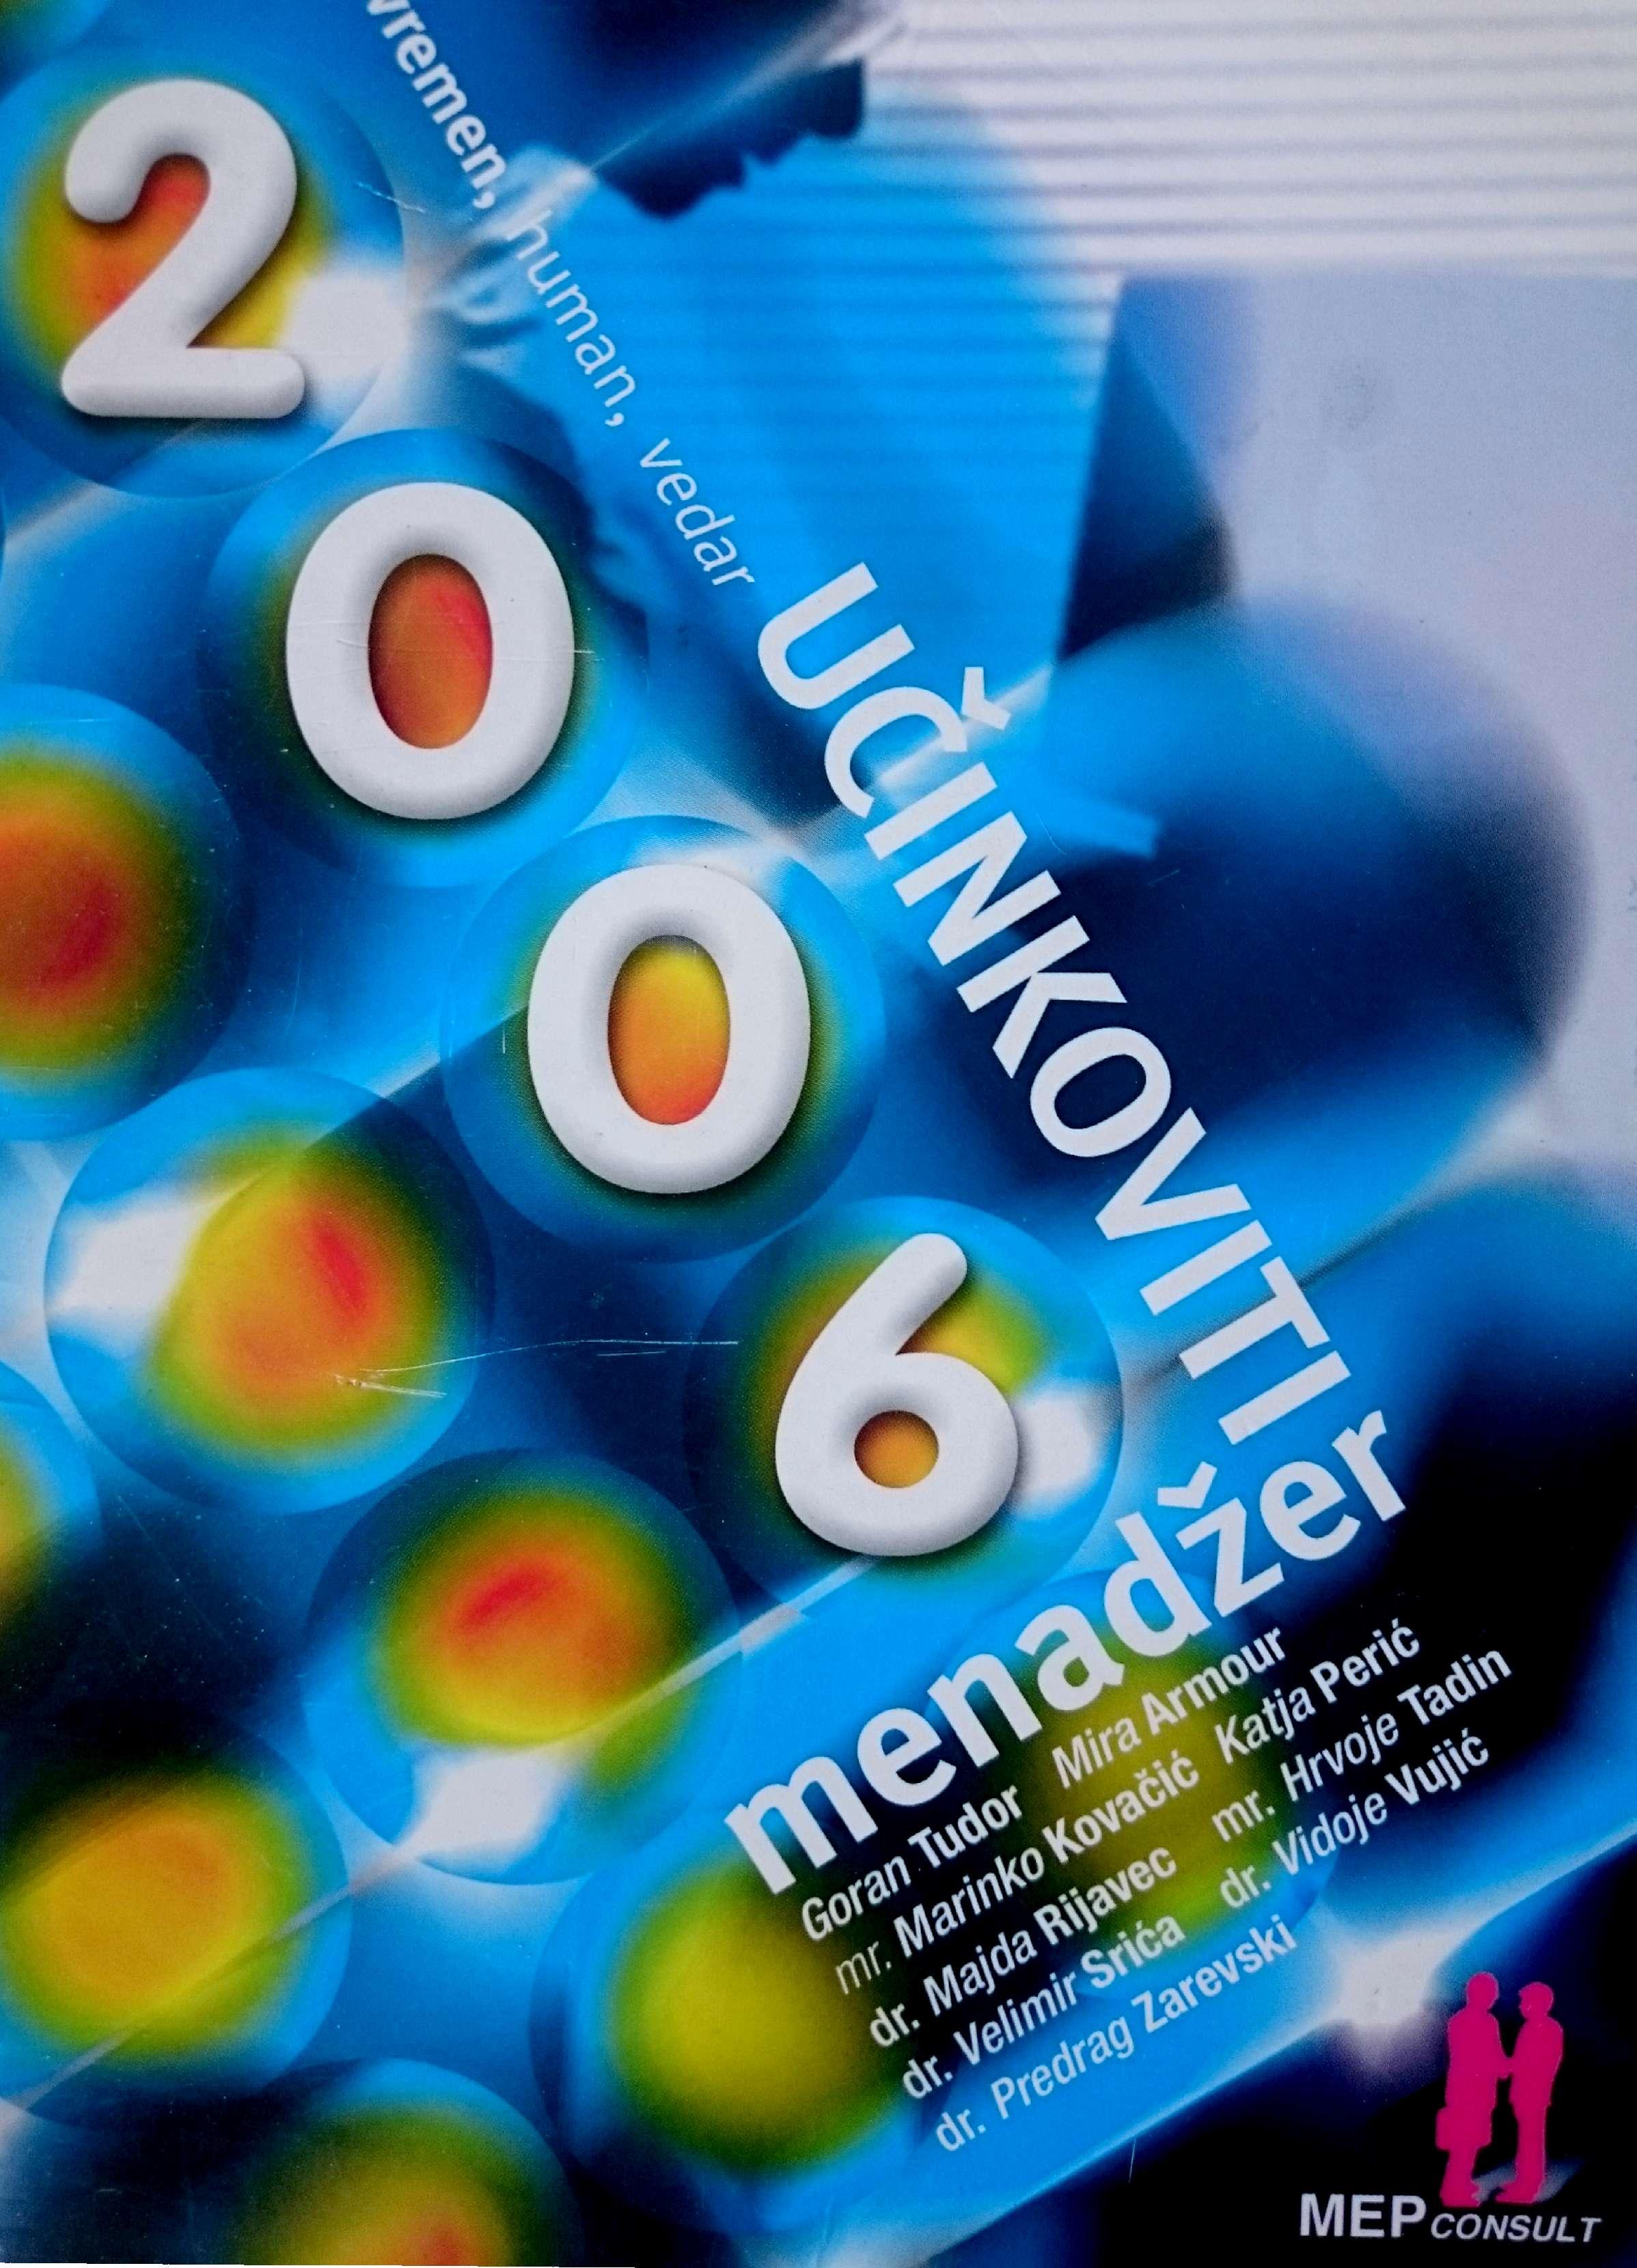 UČINKOVITI MENADŽER 2006 - Naruči svoju knjigu